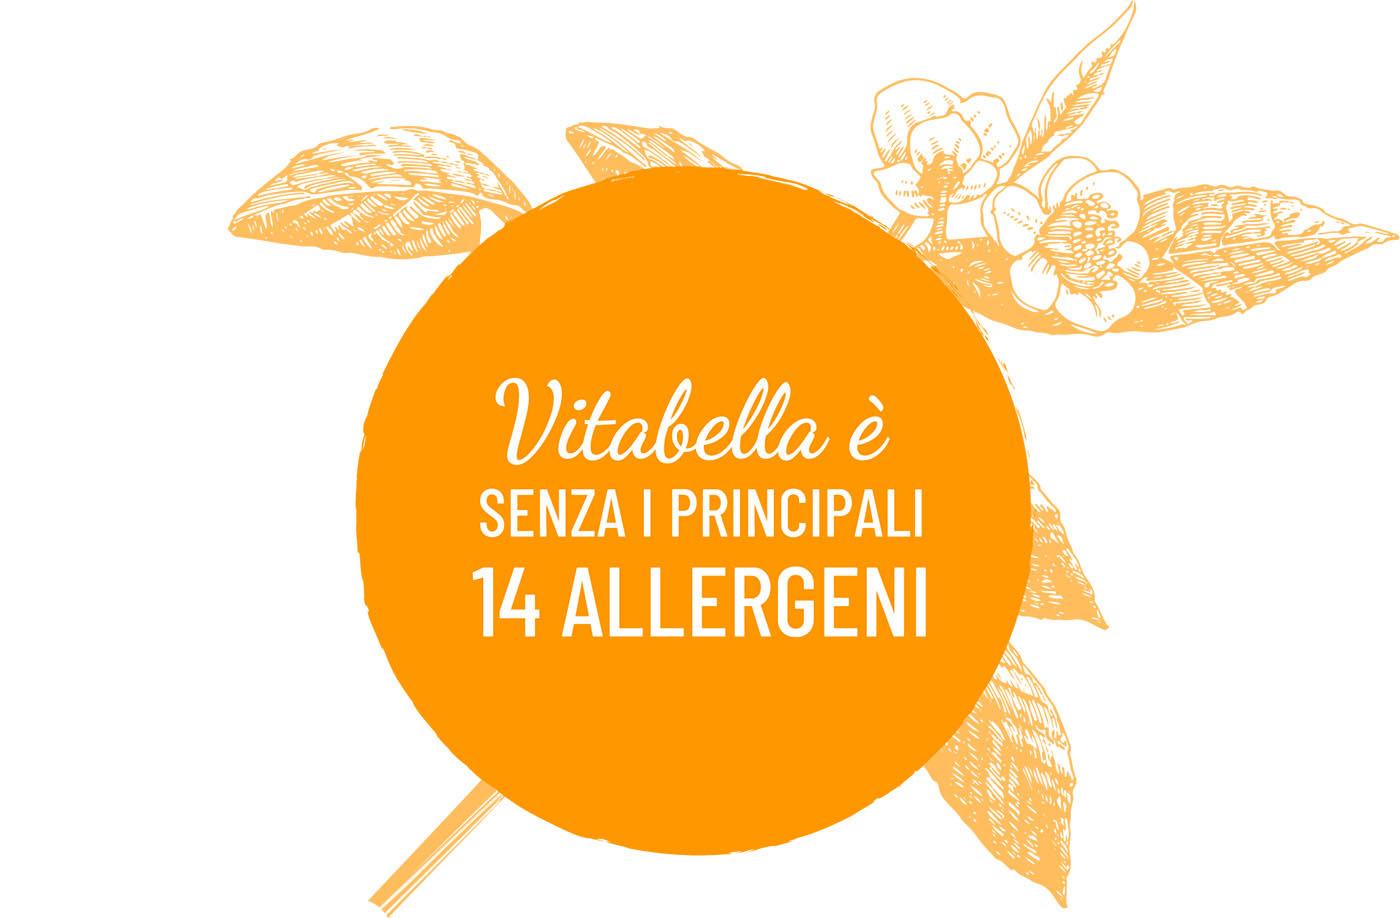 Vitabella Senza I Principali 14 Allergeni